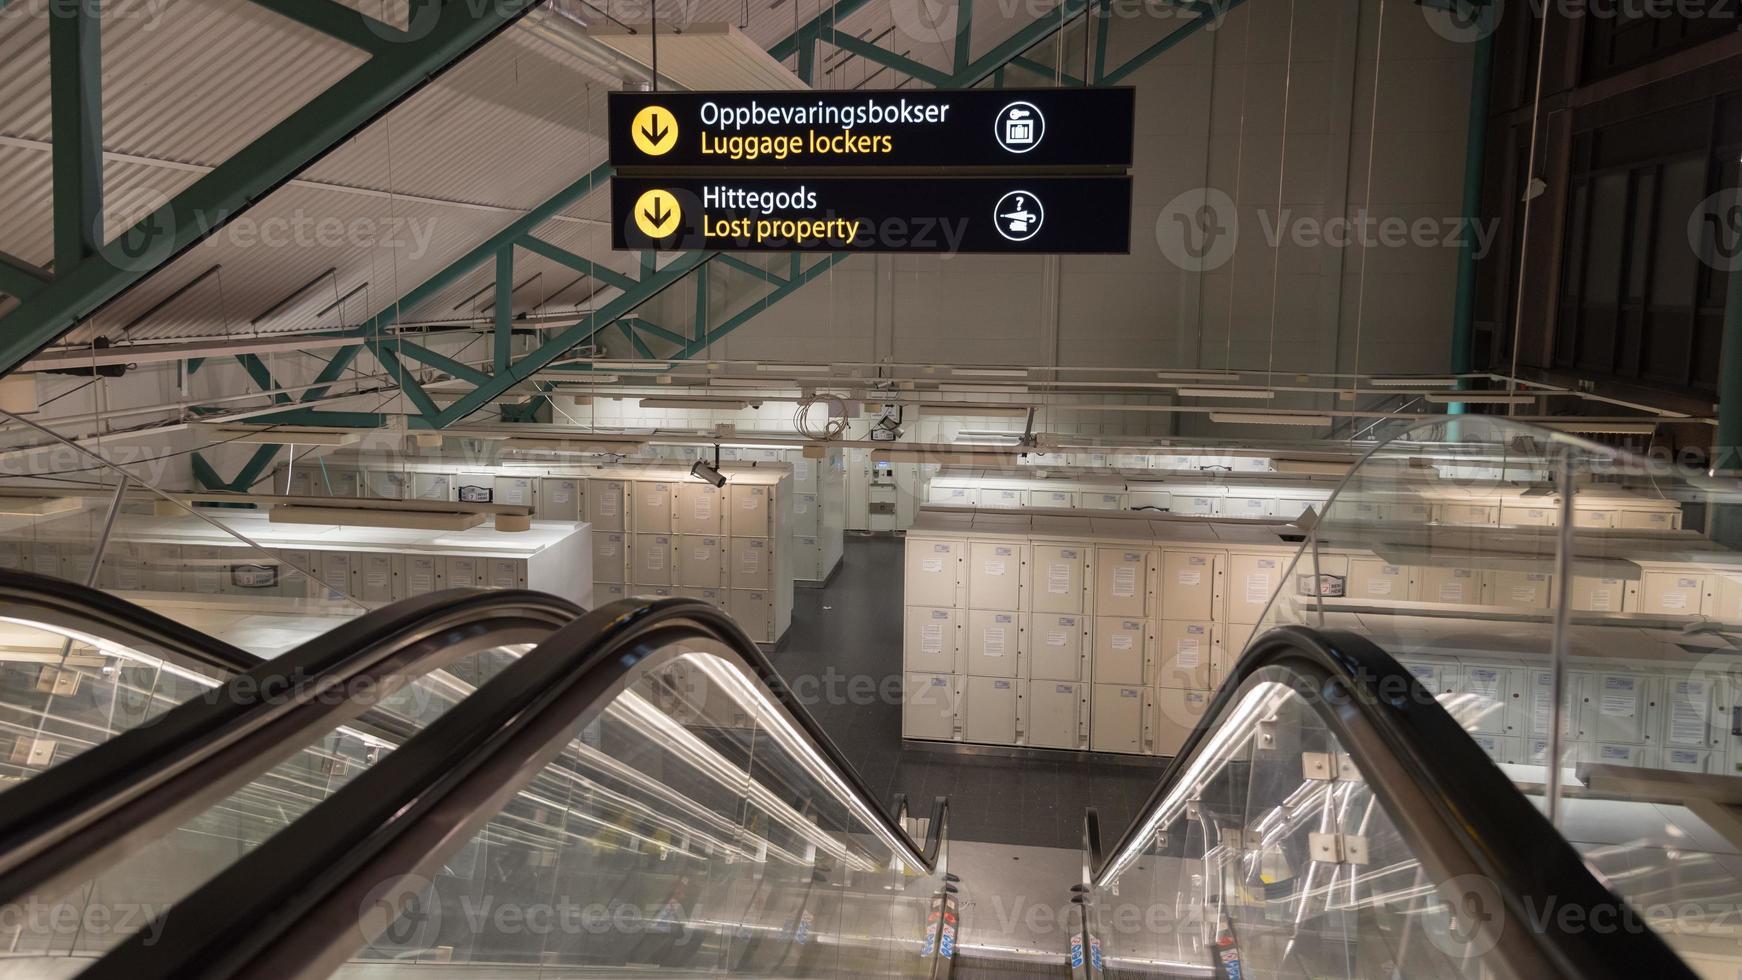 bagagekluizen en verloren voorwerpen bij een treinstation foto